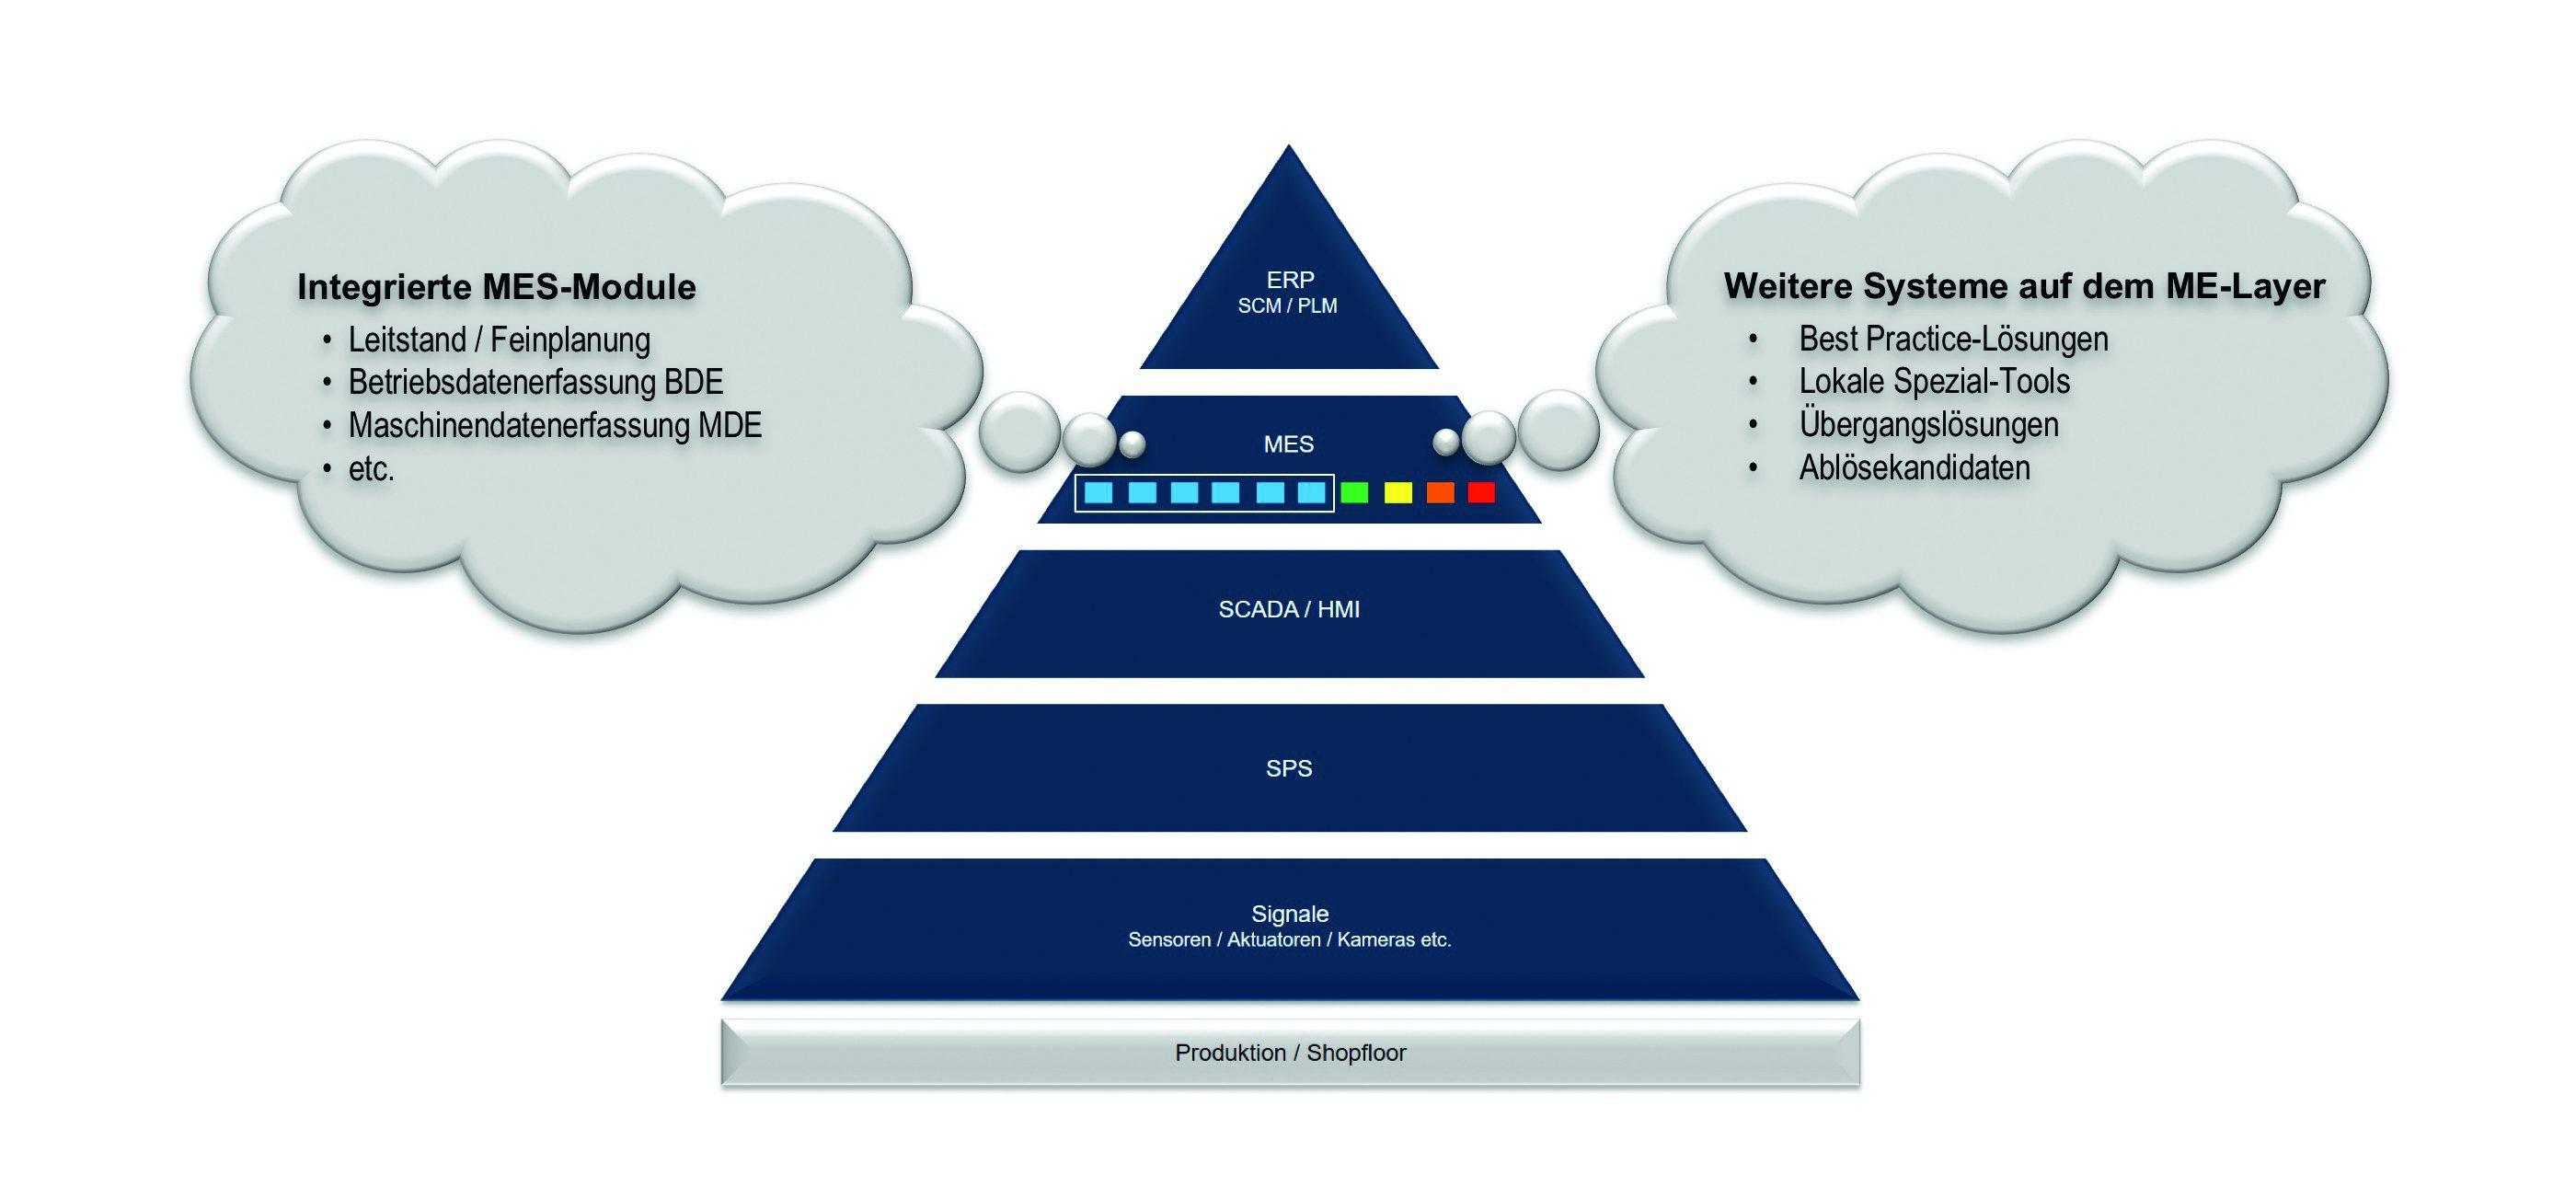 MES in der Automatierungspyramide. Bild zeigt die MES-Aufgaben und Klassifizierung